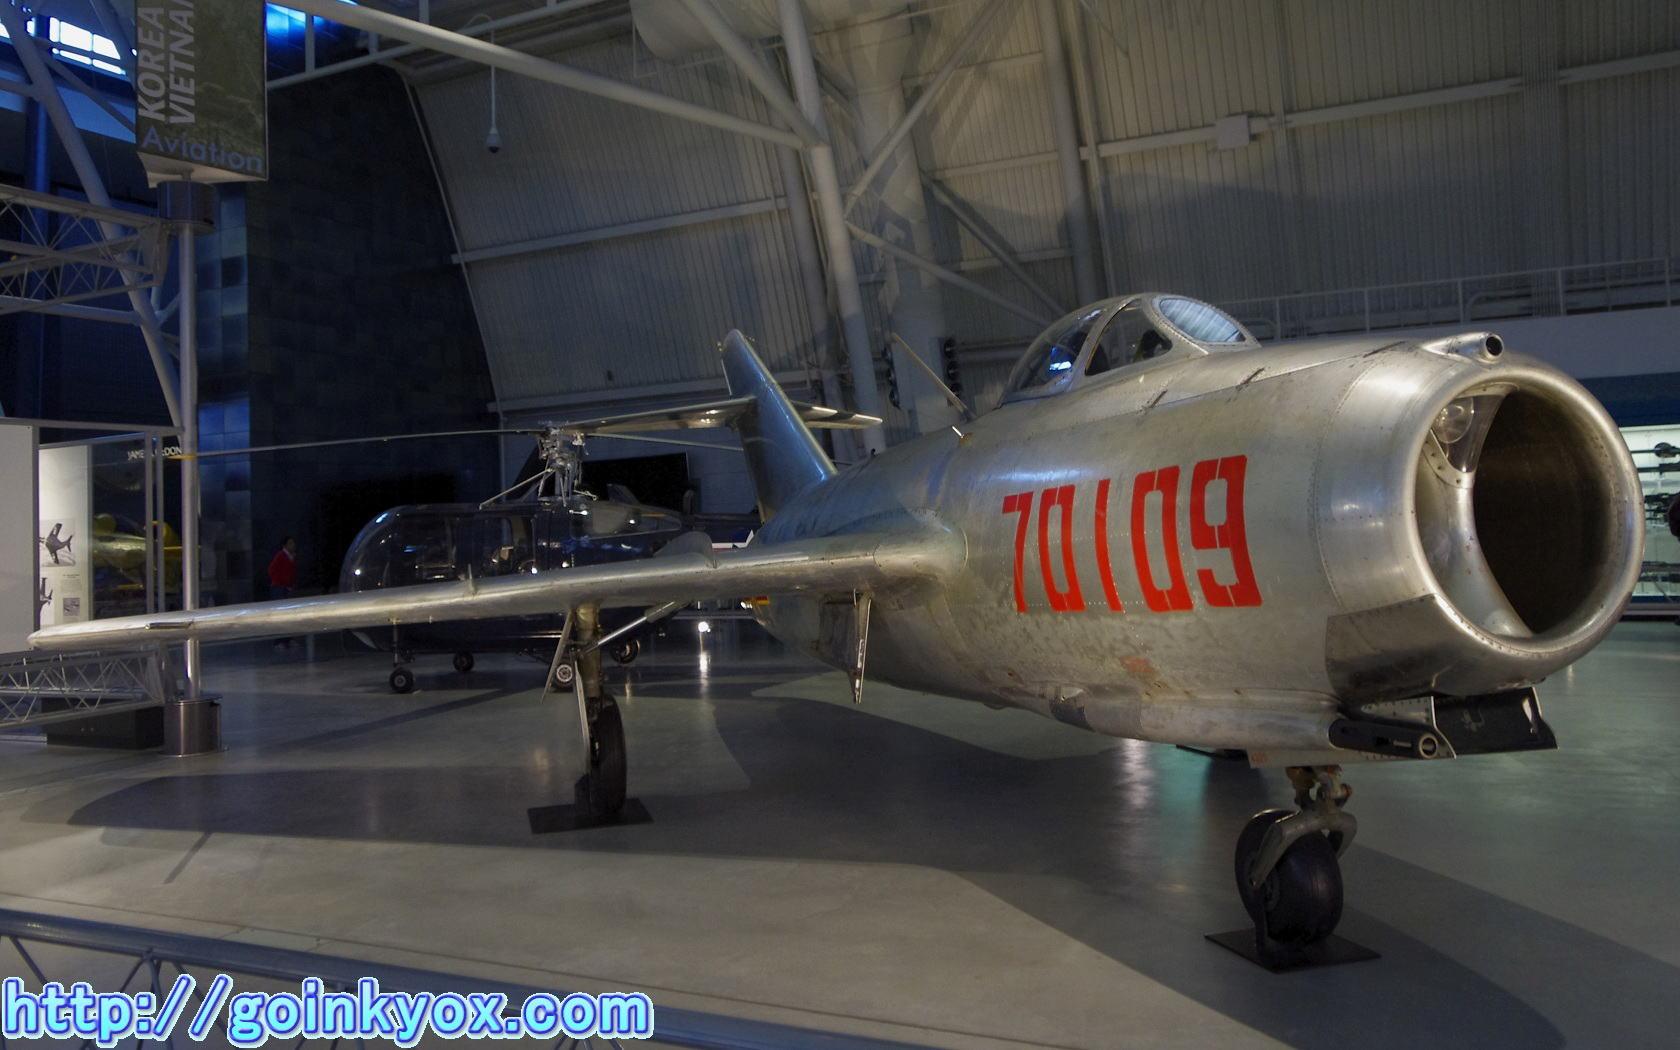 MiG 15 (航空機)の画像 p1_36